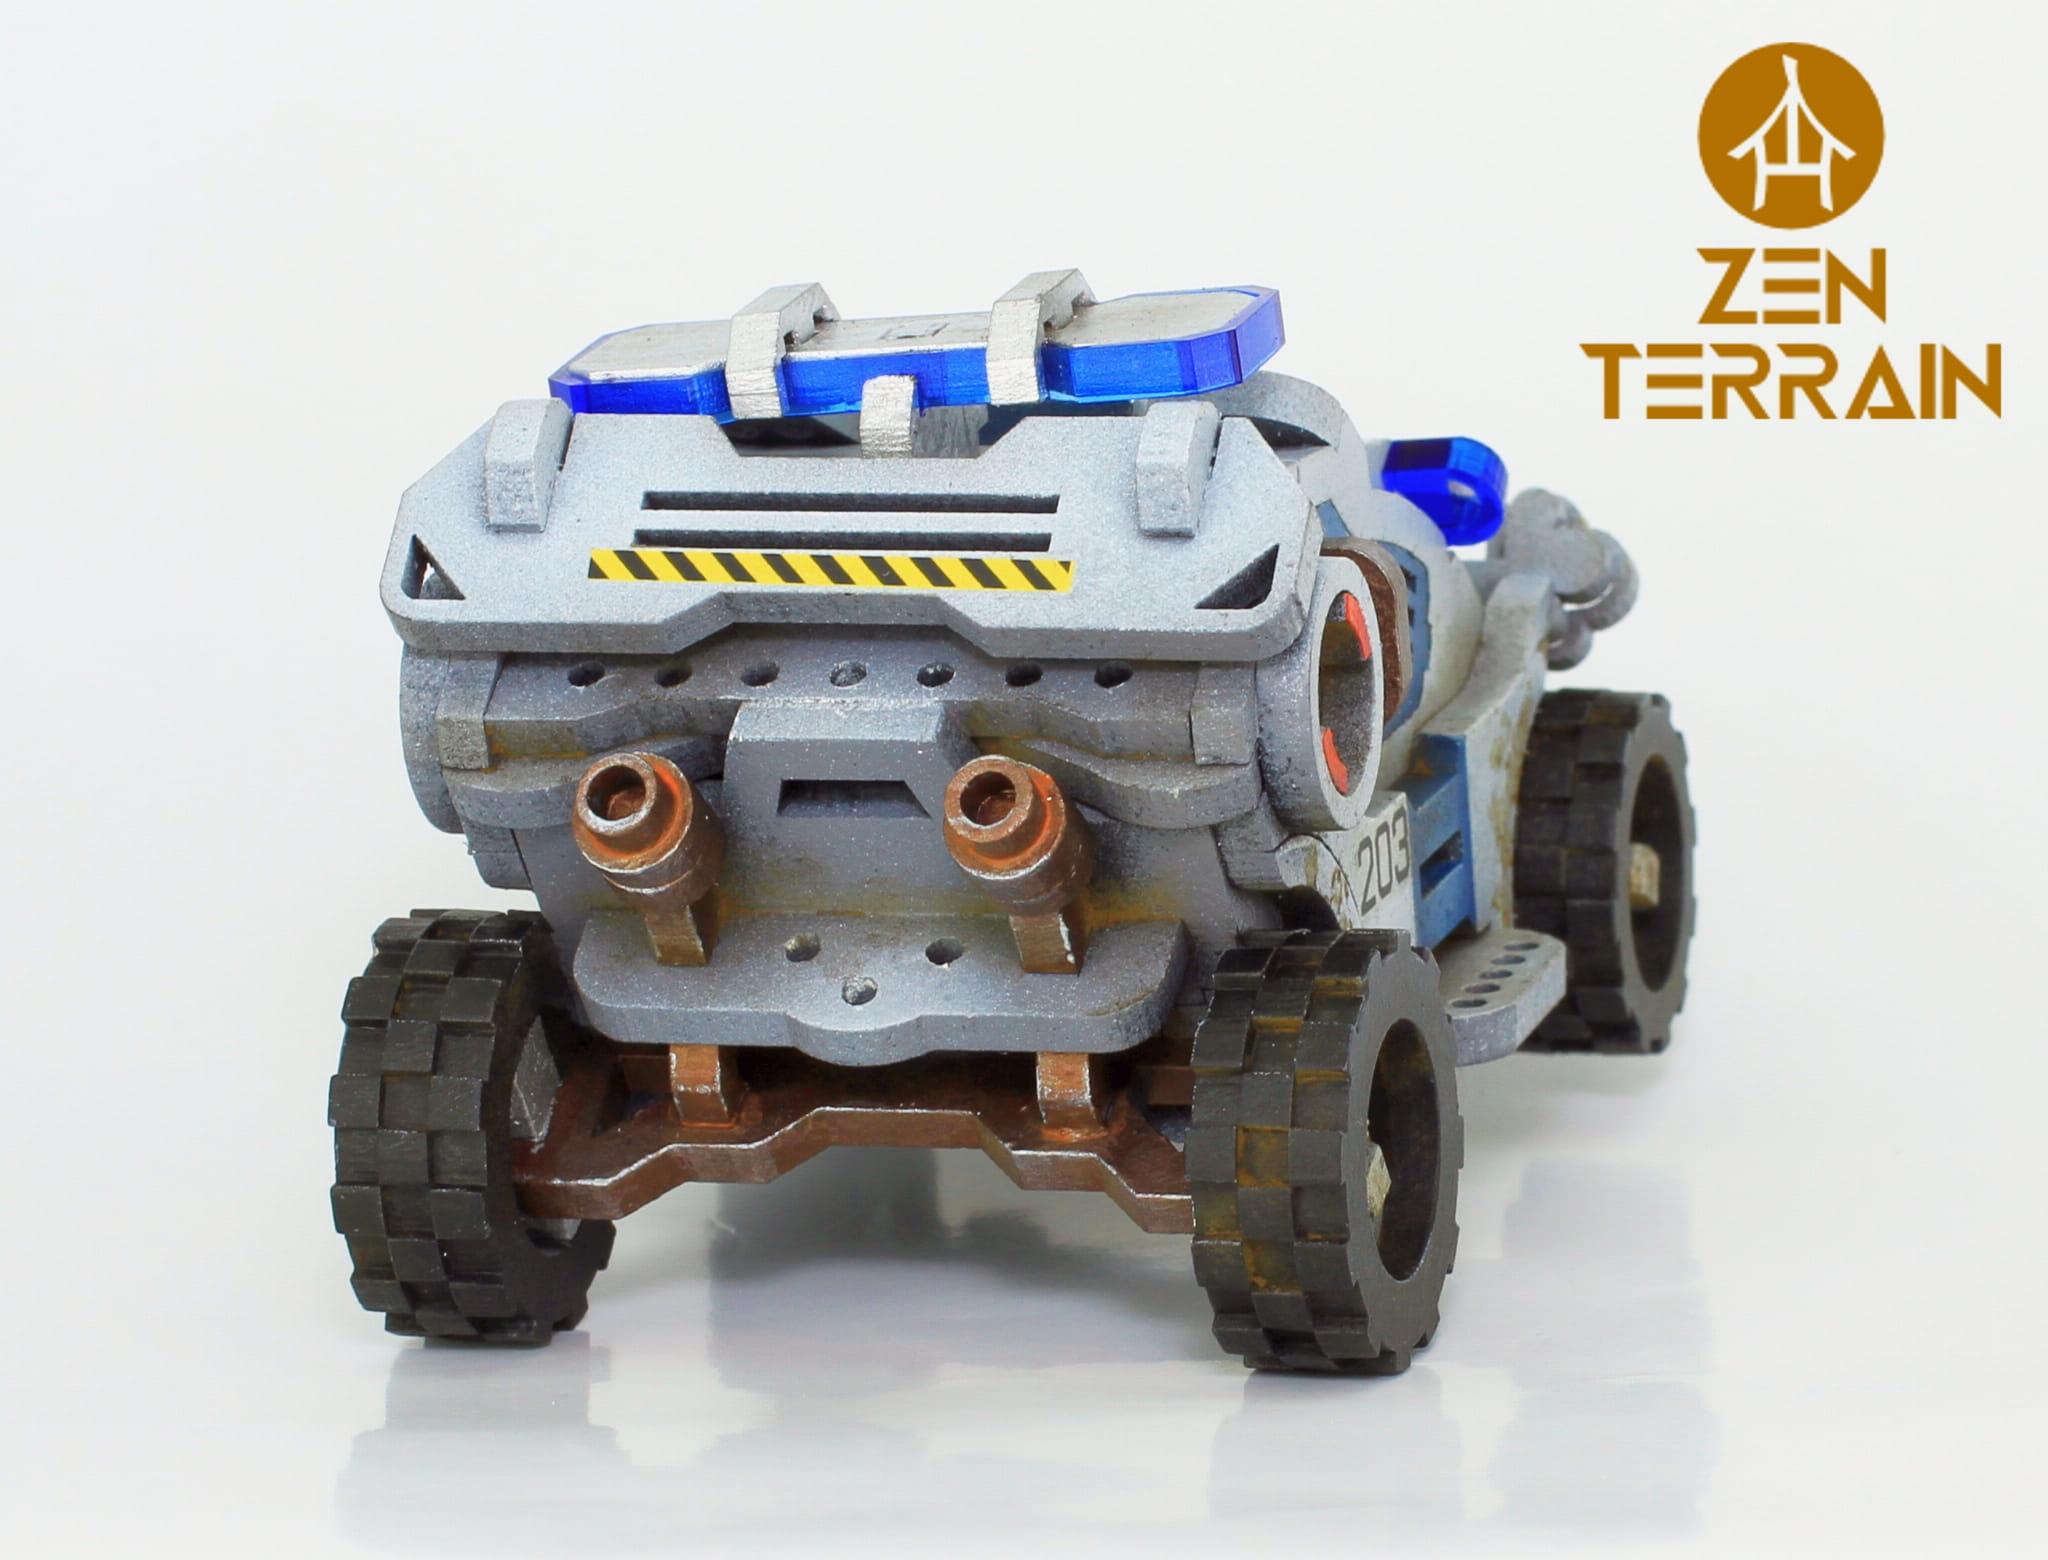 Auto1 Zen Terrain